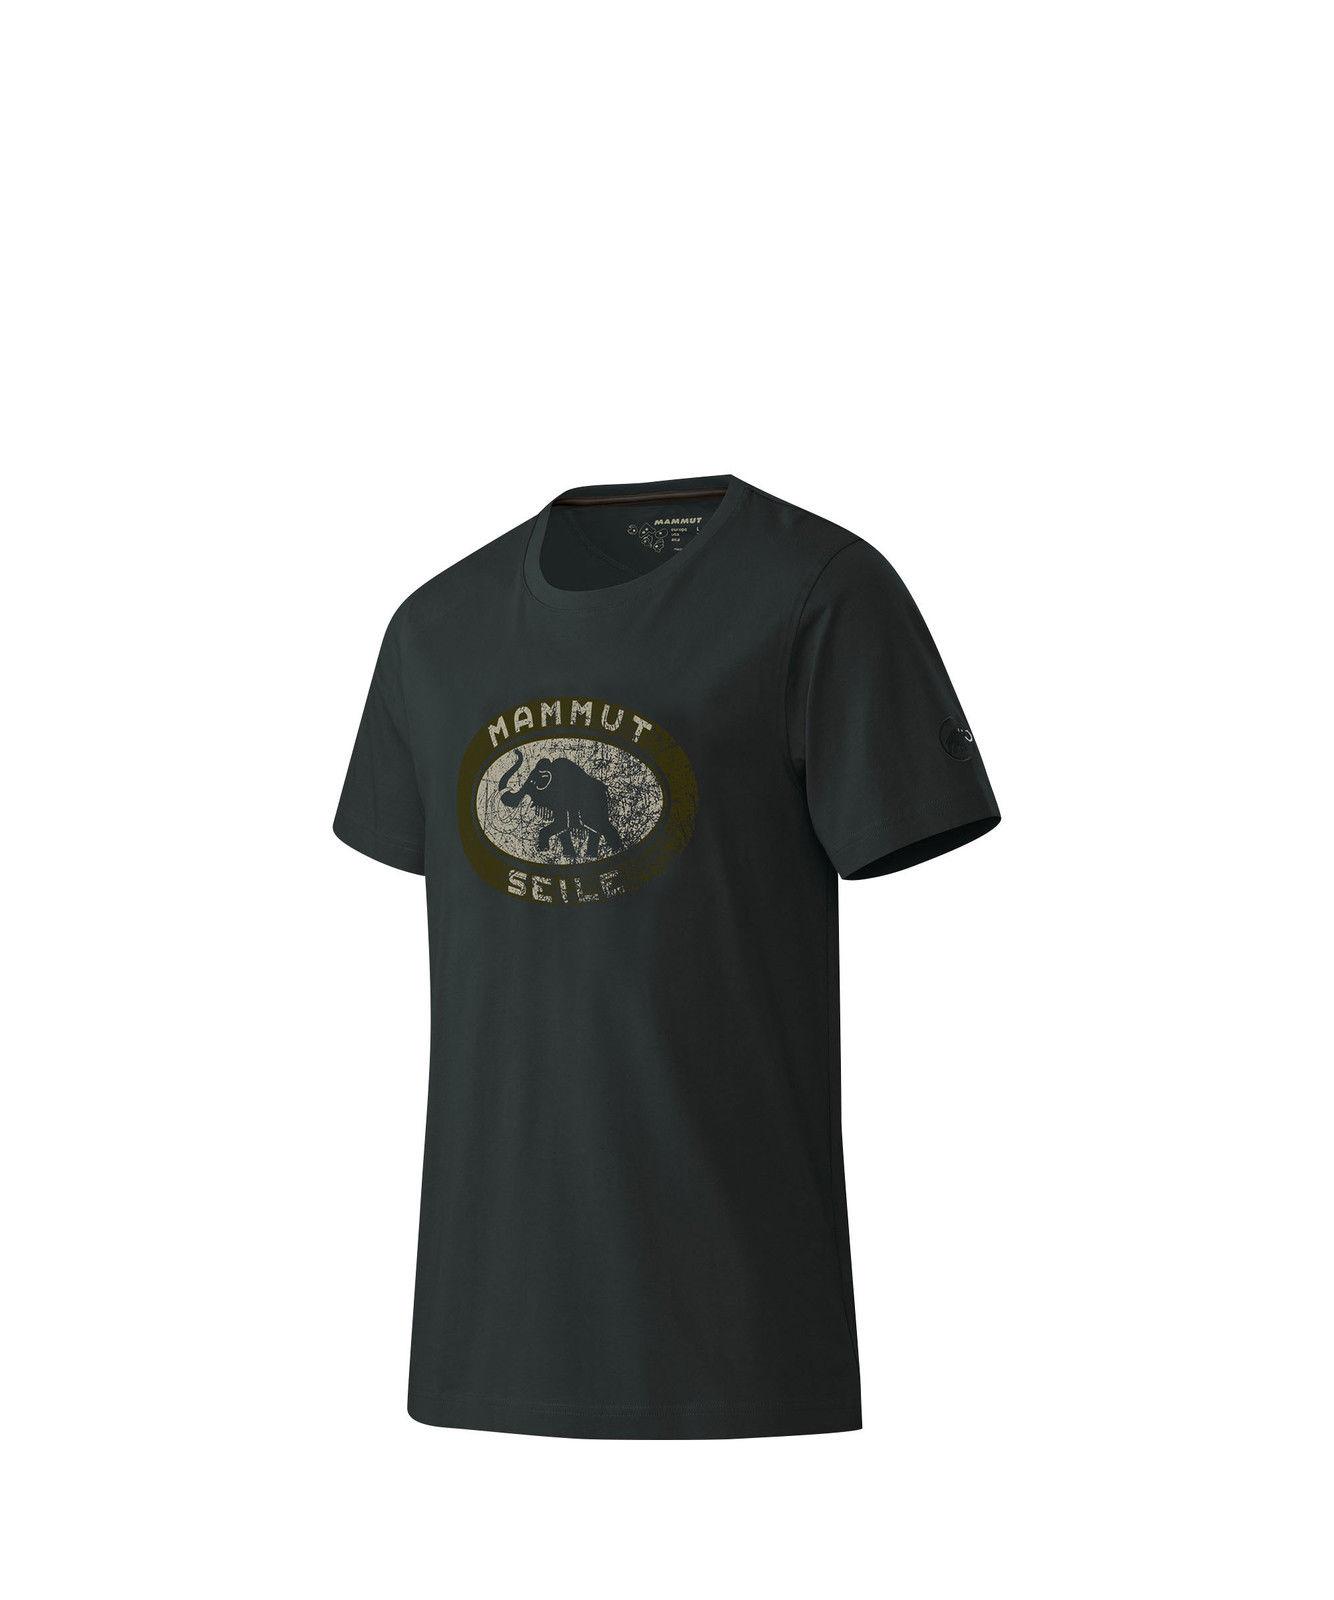 Black t shirt ebay - Mammut T Shirt Ebay